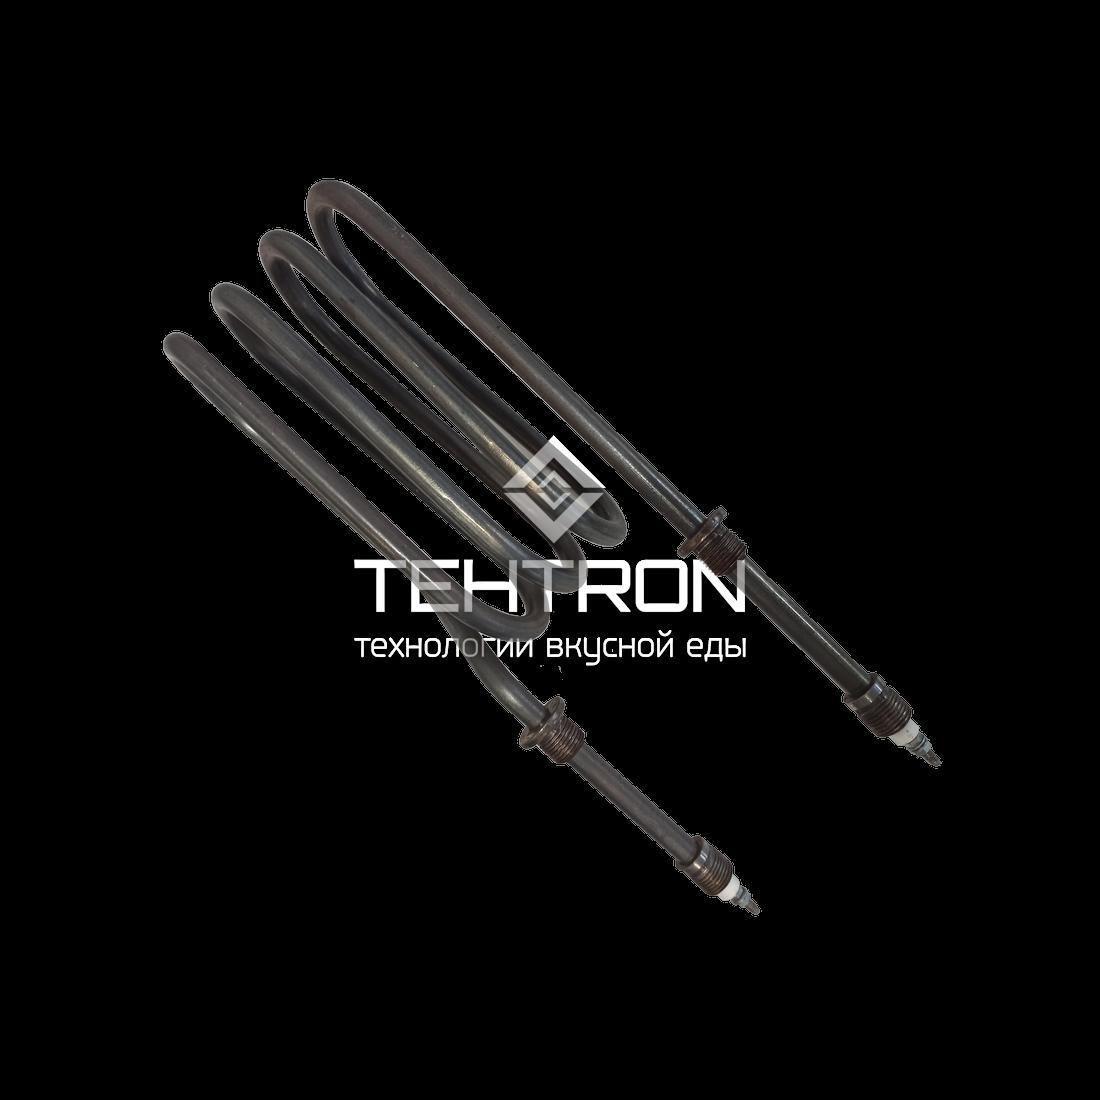 Запасные части для термокамер Техтрон. ТЭН для камеры запекания.